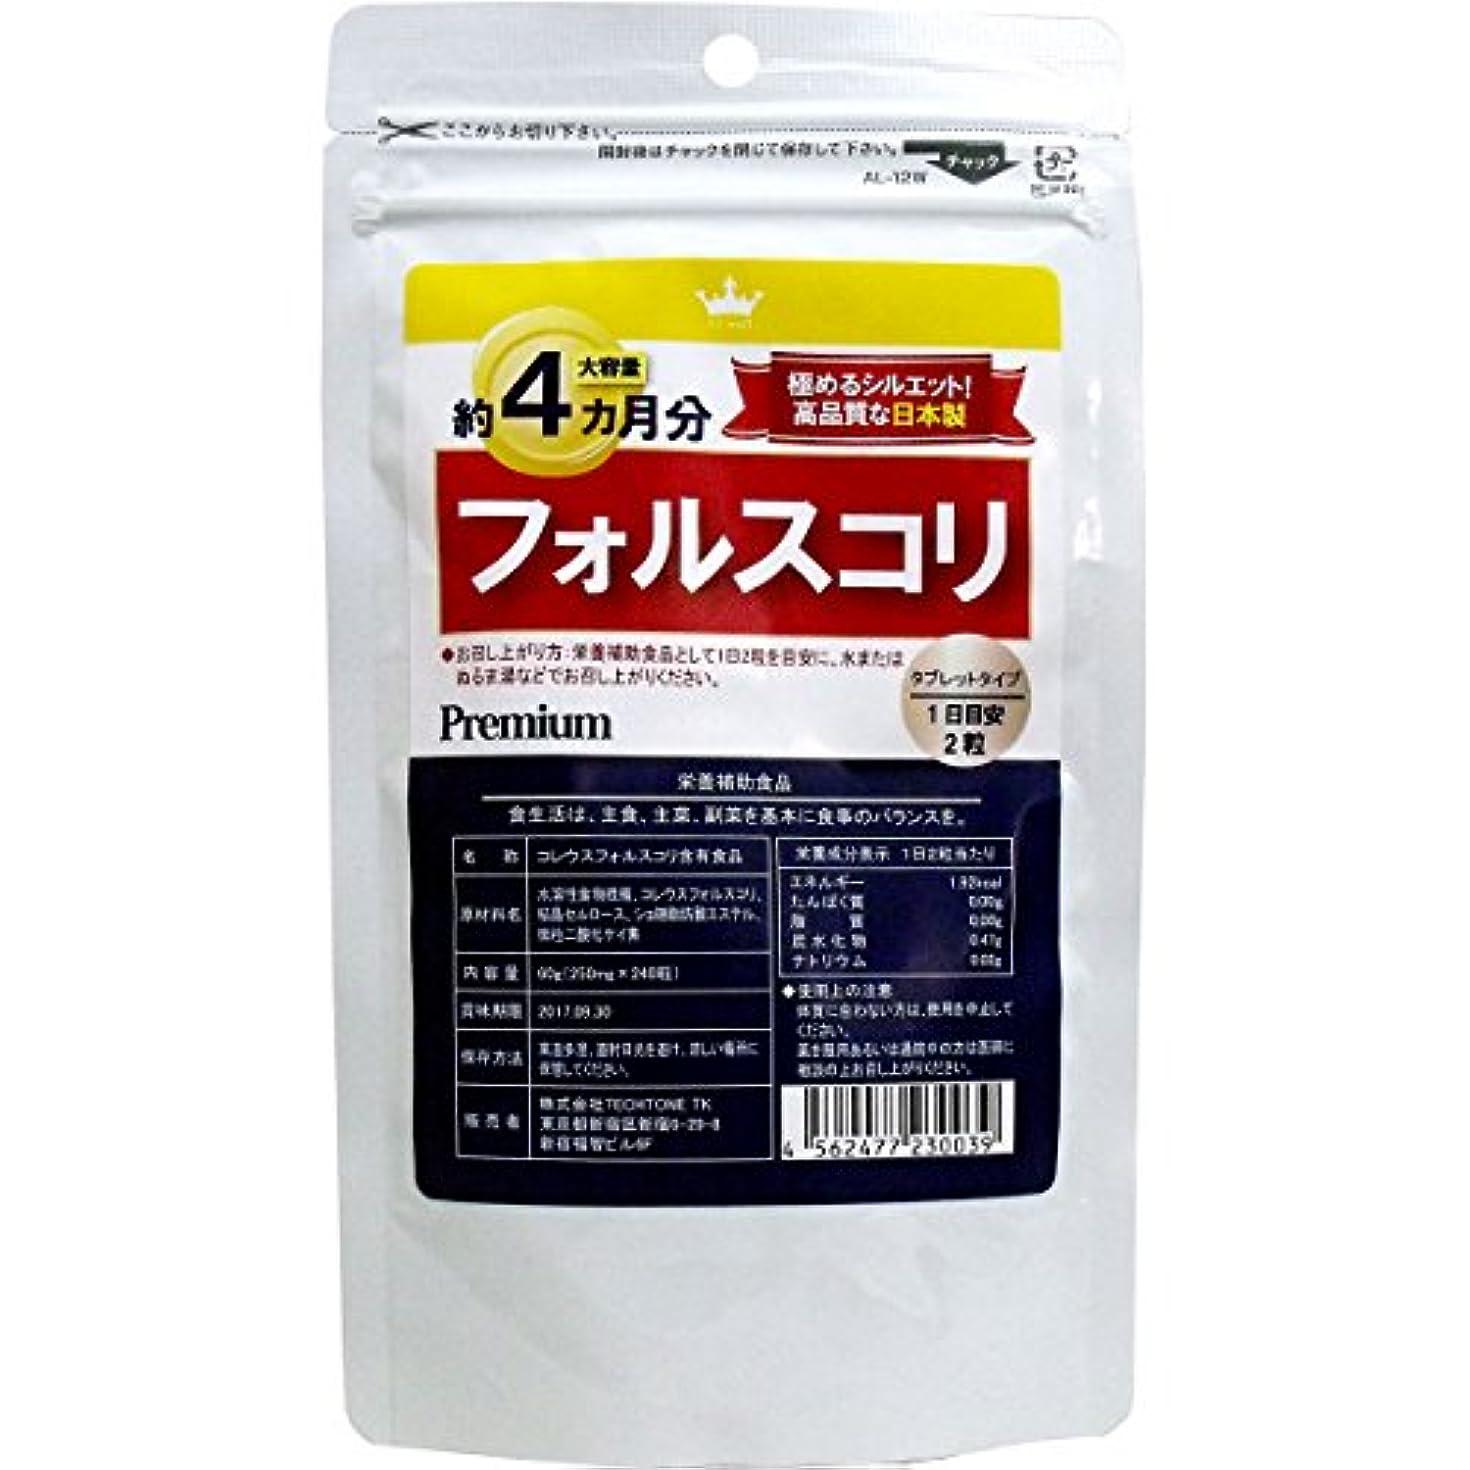 最終的にルーキー登録するサプリ 高品質な日本製 話題の フォルスコリ 約4カ月分 240粒入【3個セット】